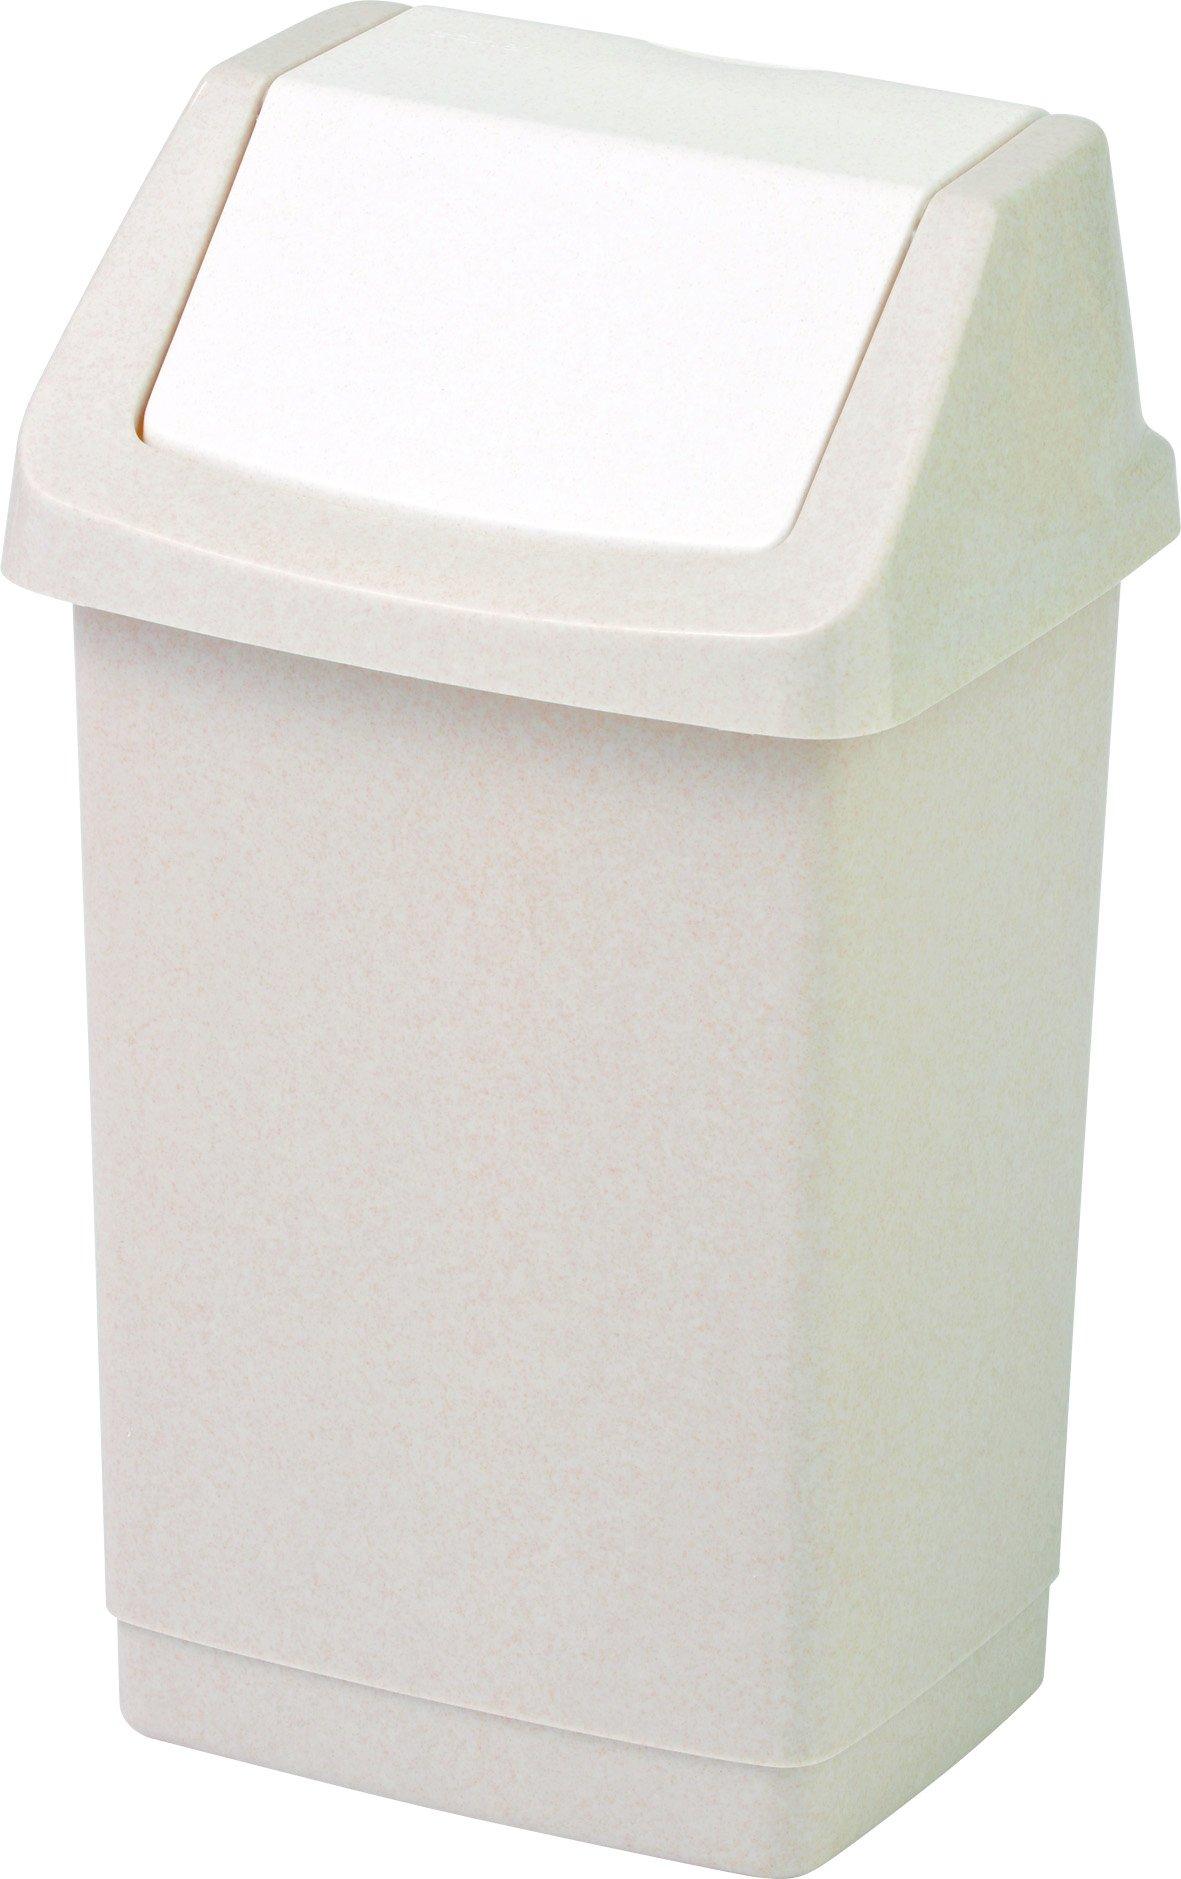 Curver odpadkový koš, CLICK-IT, béžový, 9l